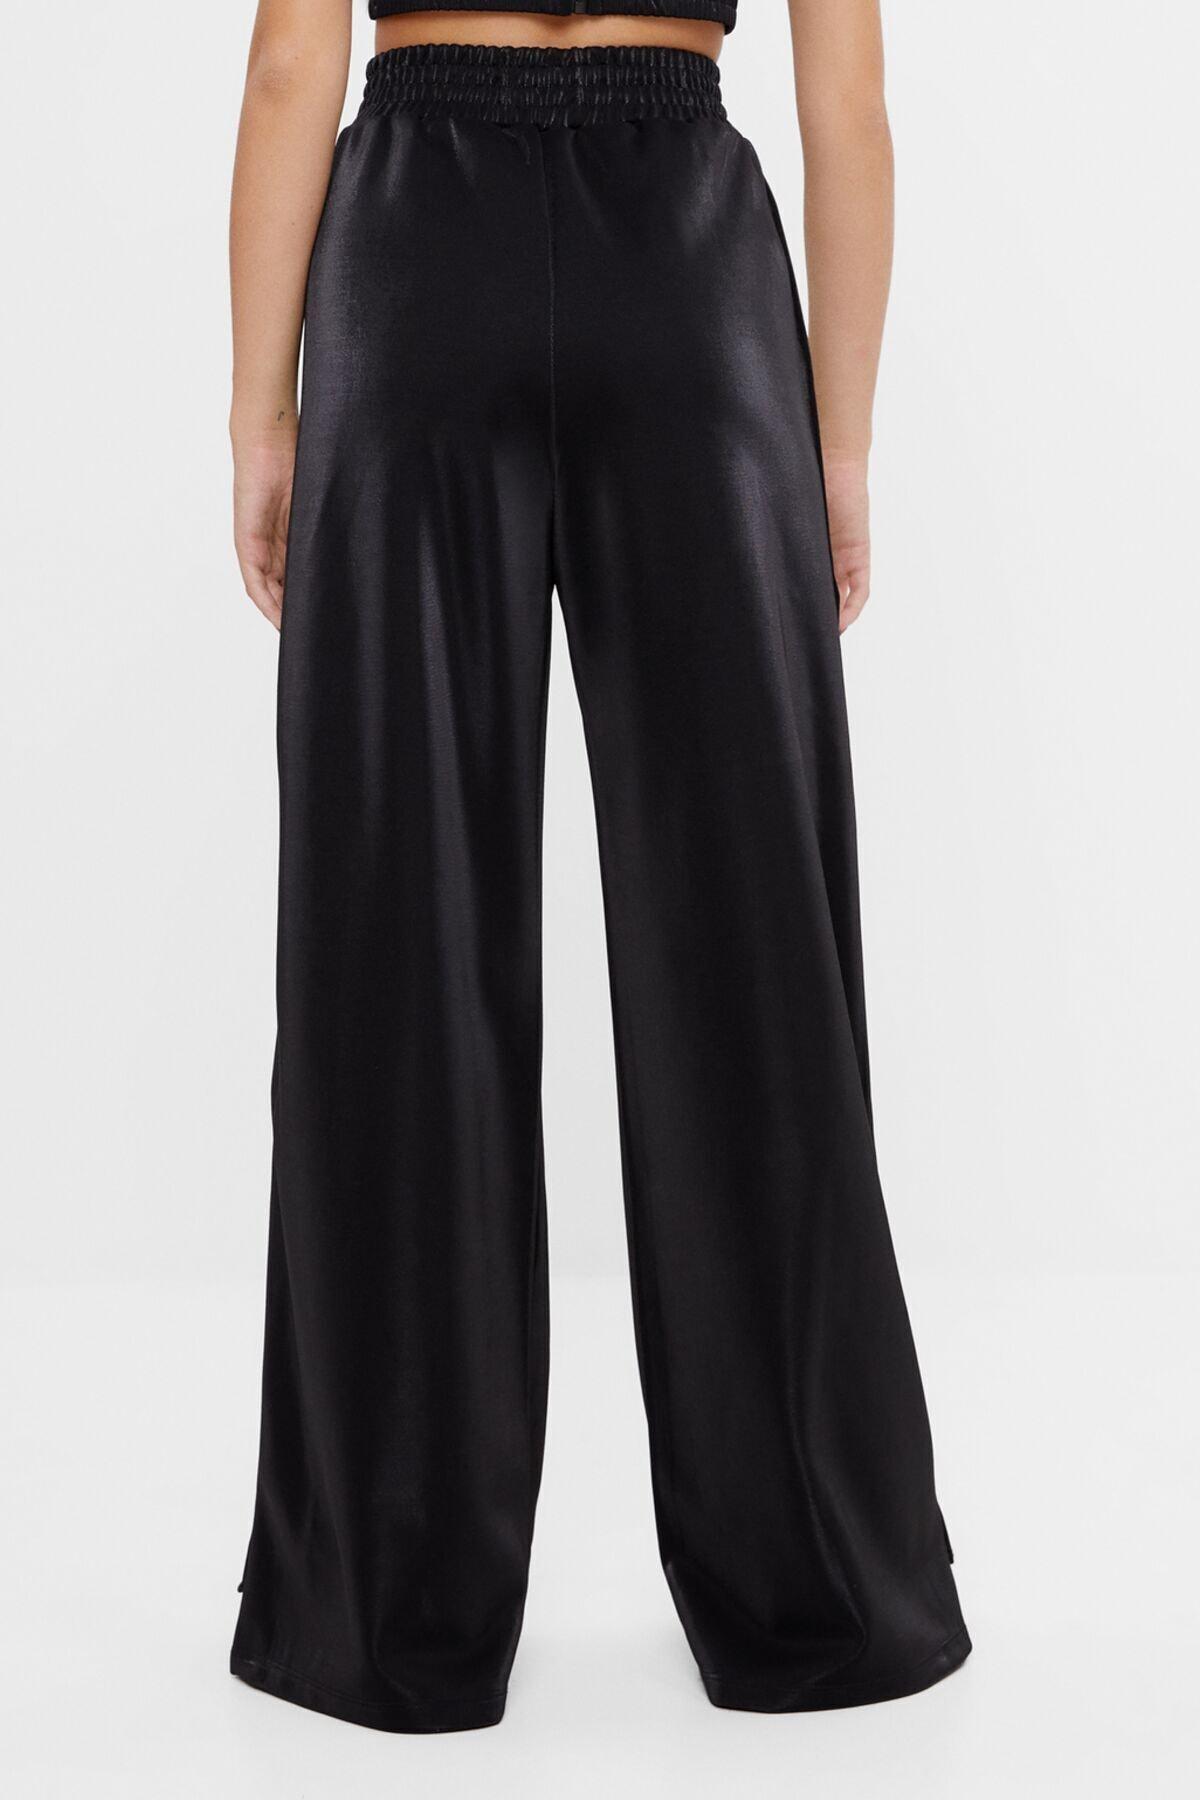 Bershka Kadın Siyah Geniş Paça Metalik Pantolon 2